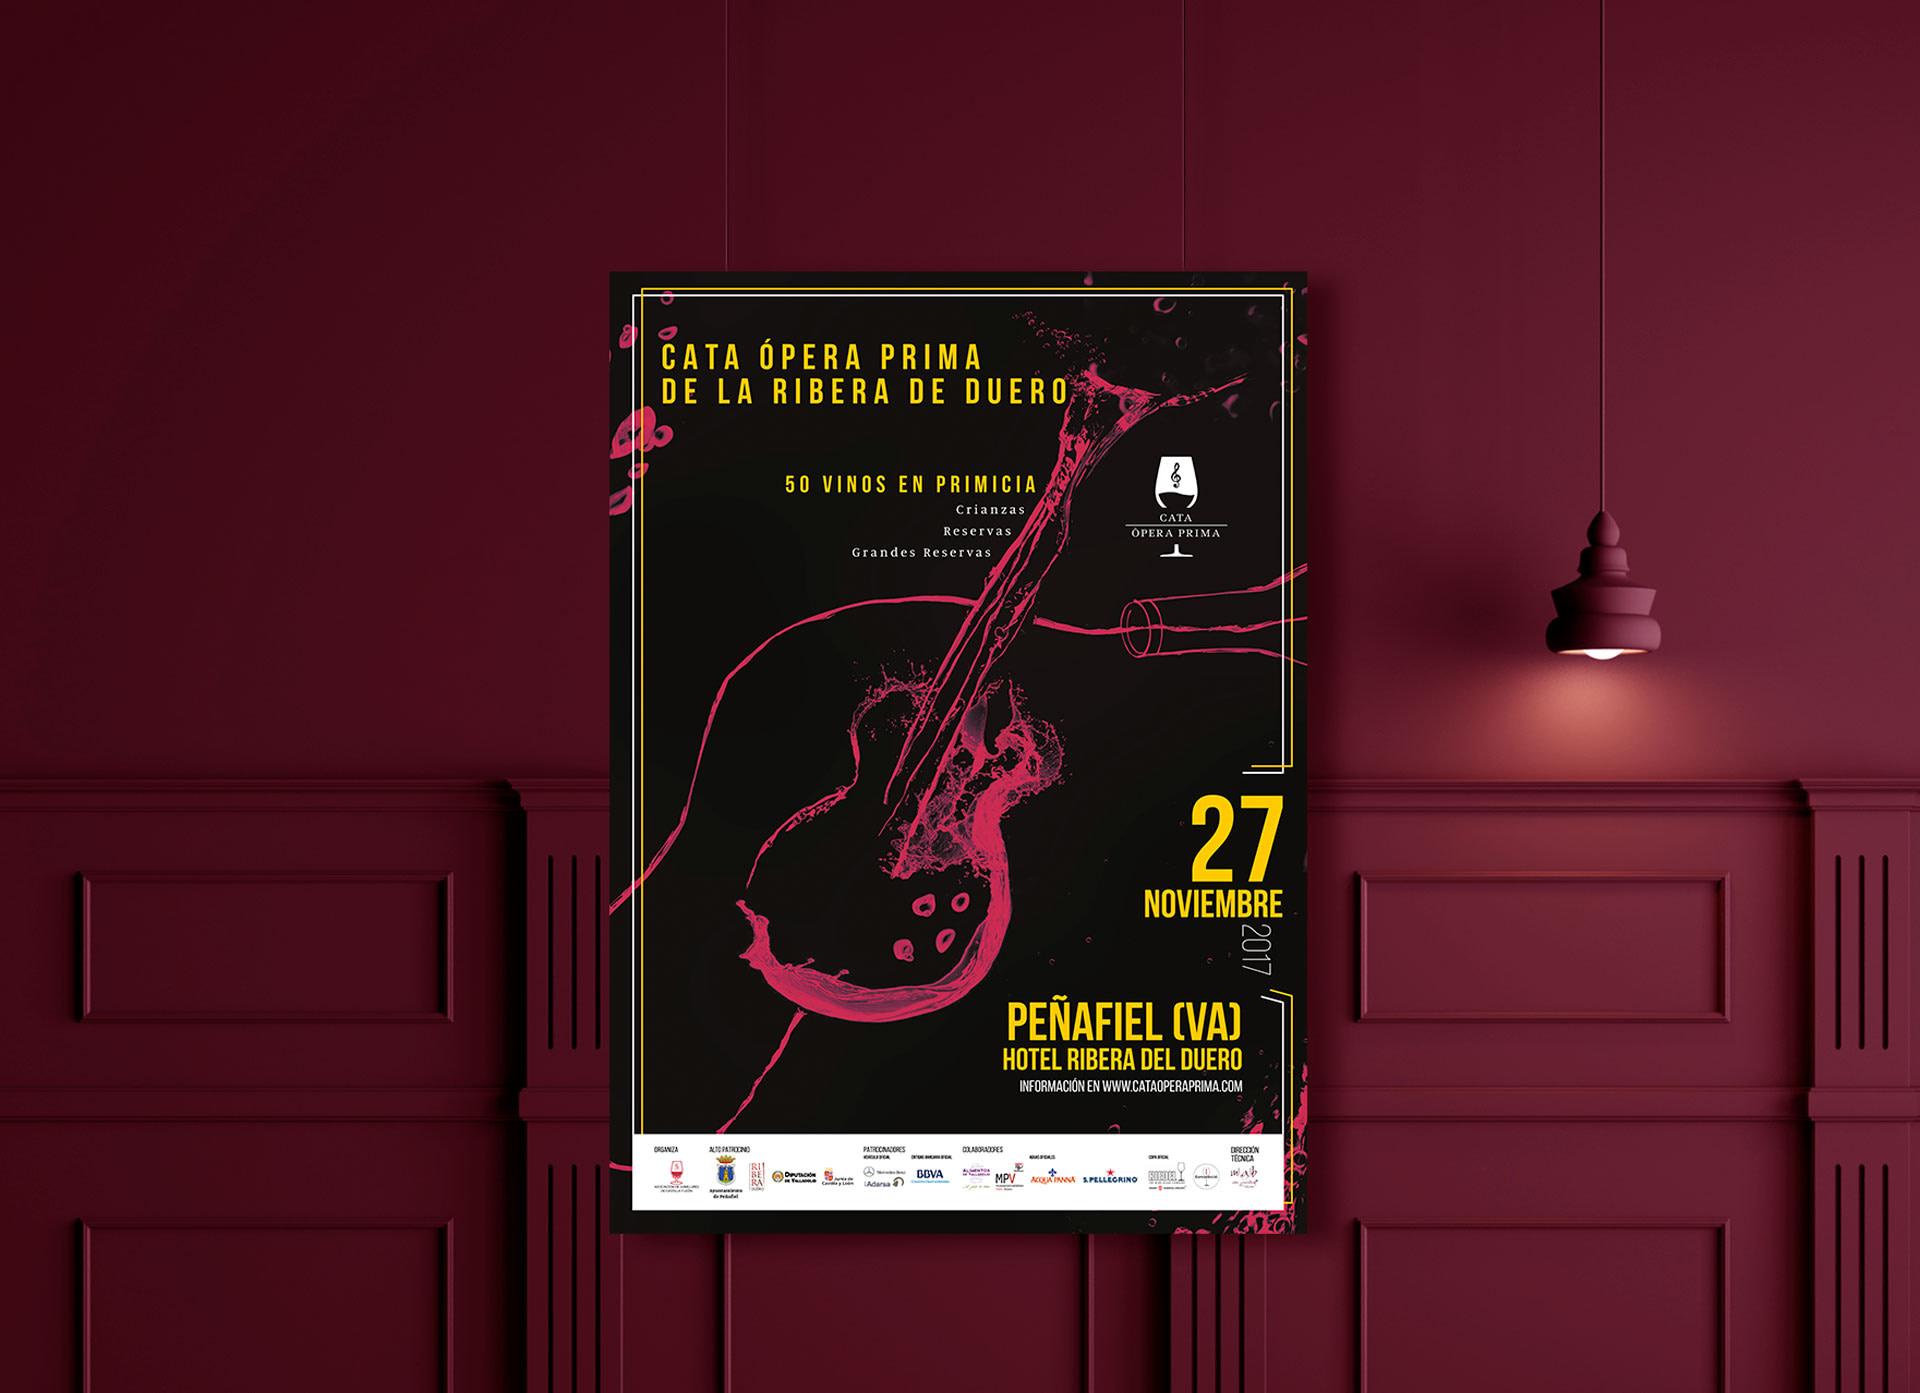 Cartel - Campaña de publicidad - Cata Ópera Prima 2017